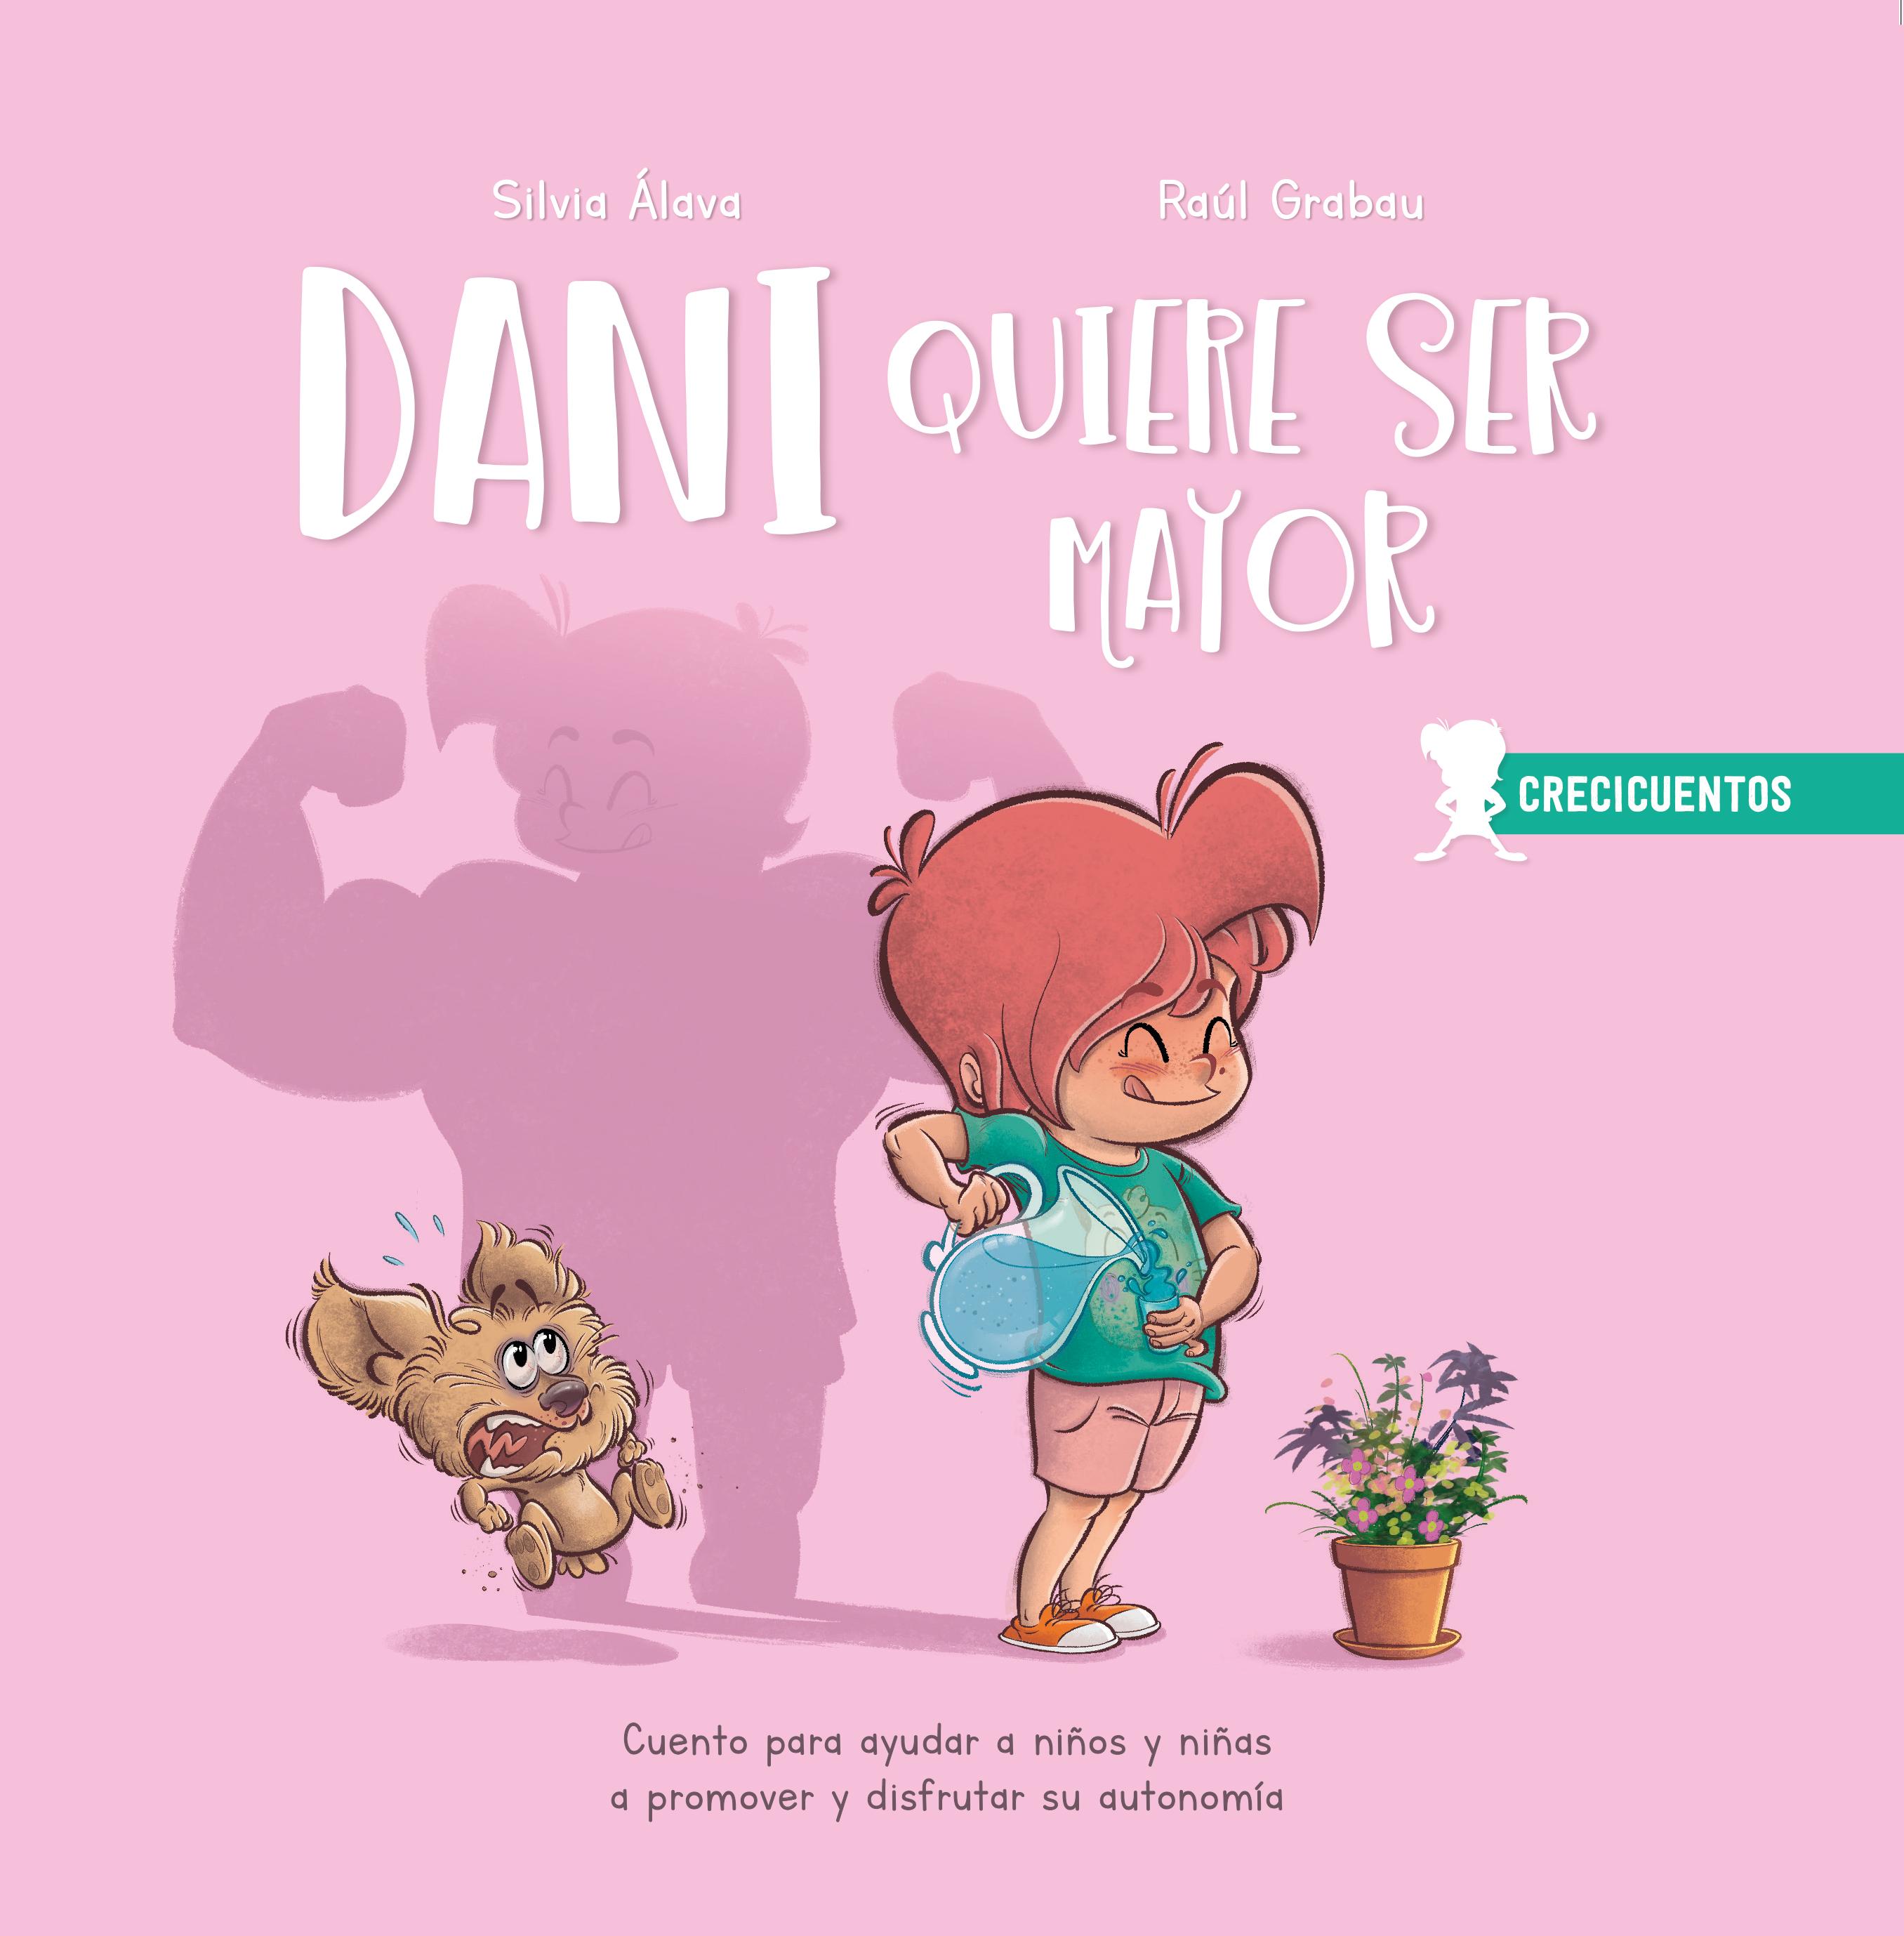 Dani quiere ser mayor   «Cuento para ayudar a niños y niñas a promover y disfrutar su autonomía»